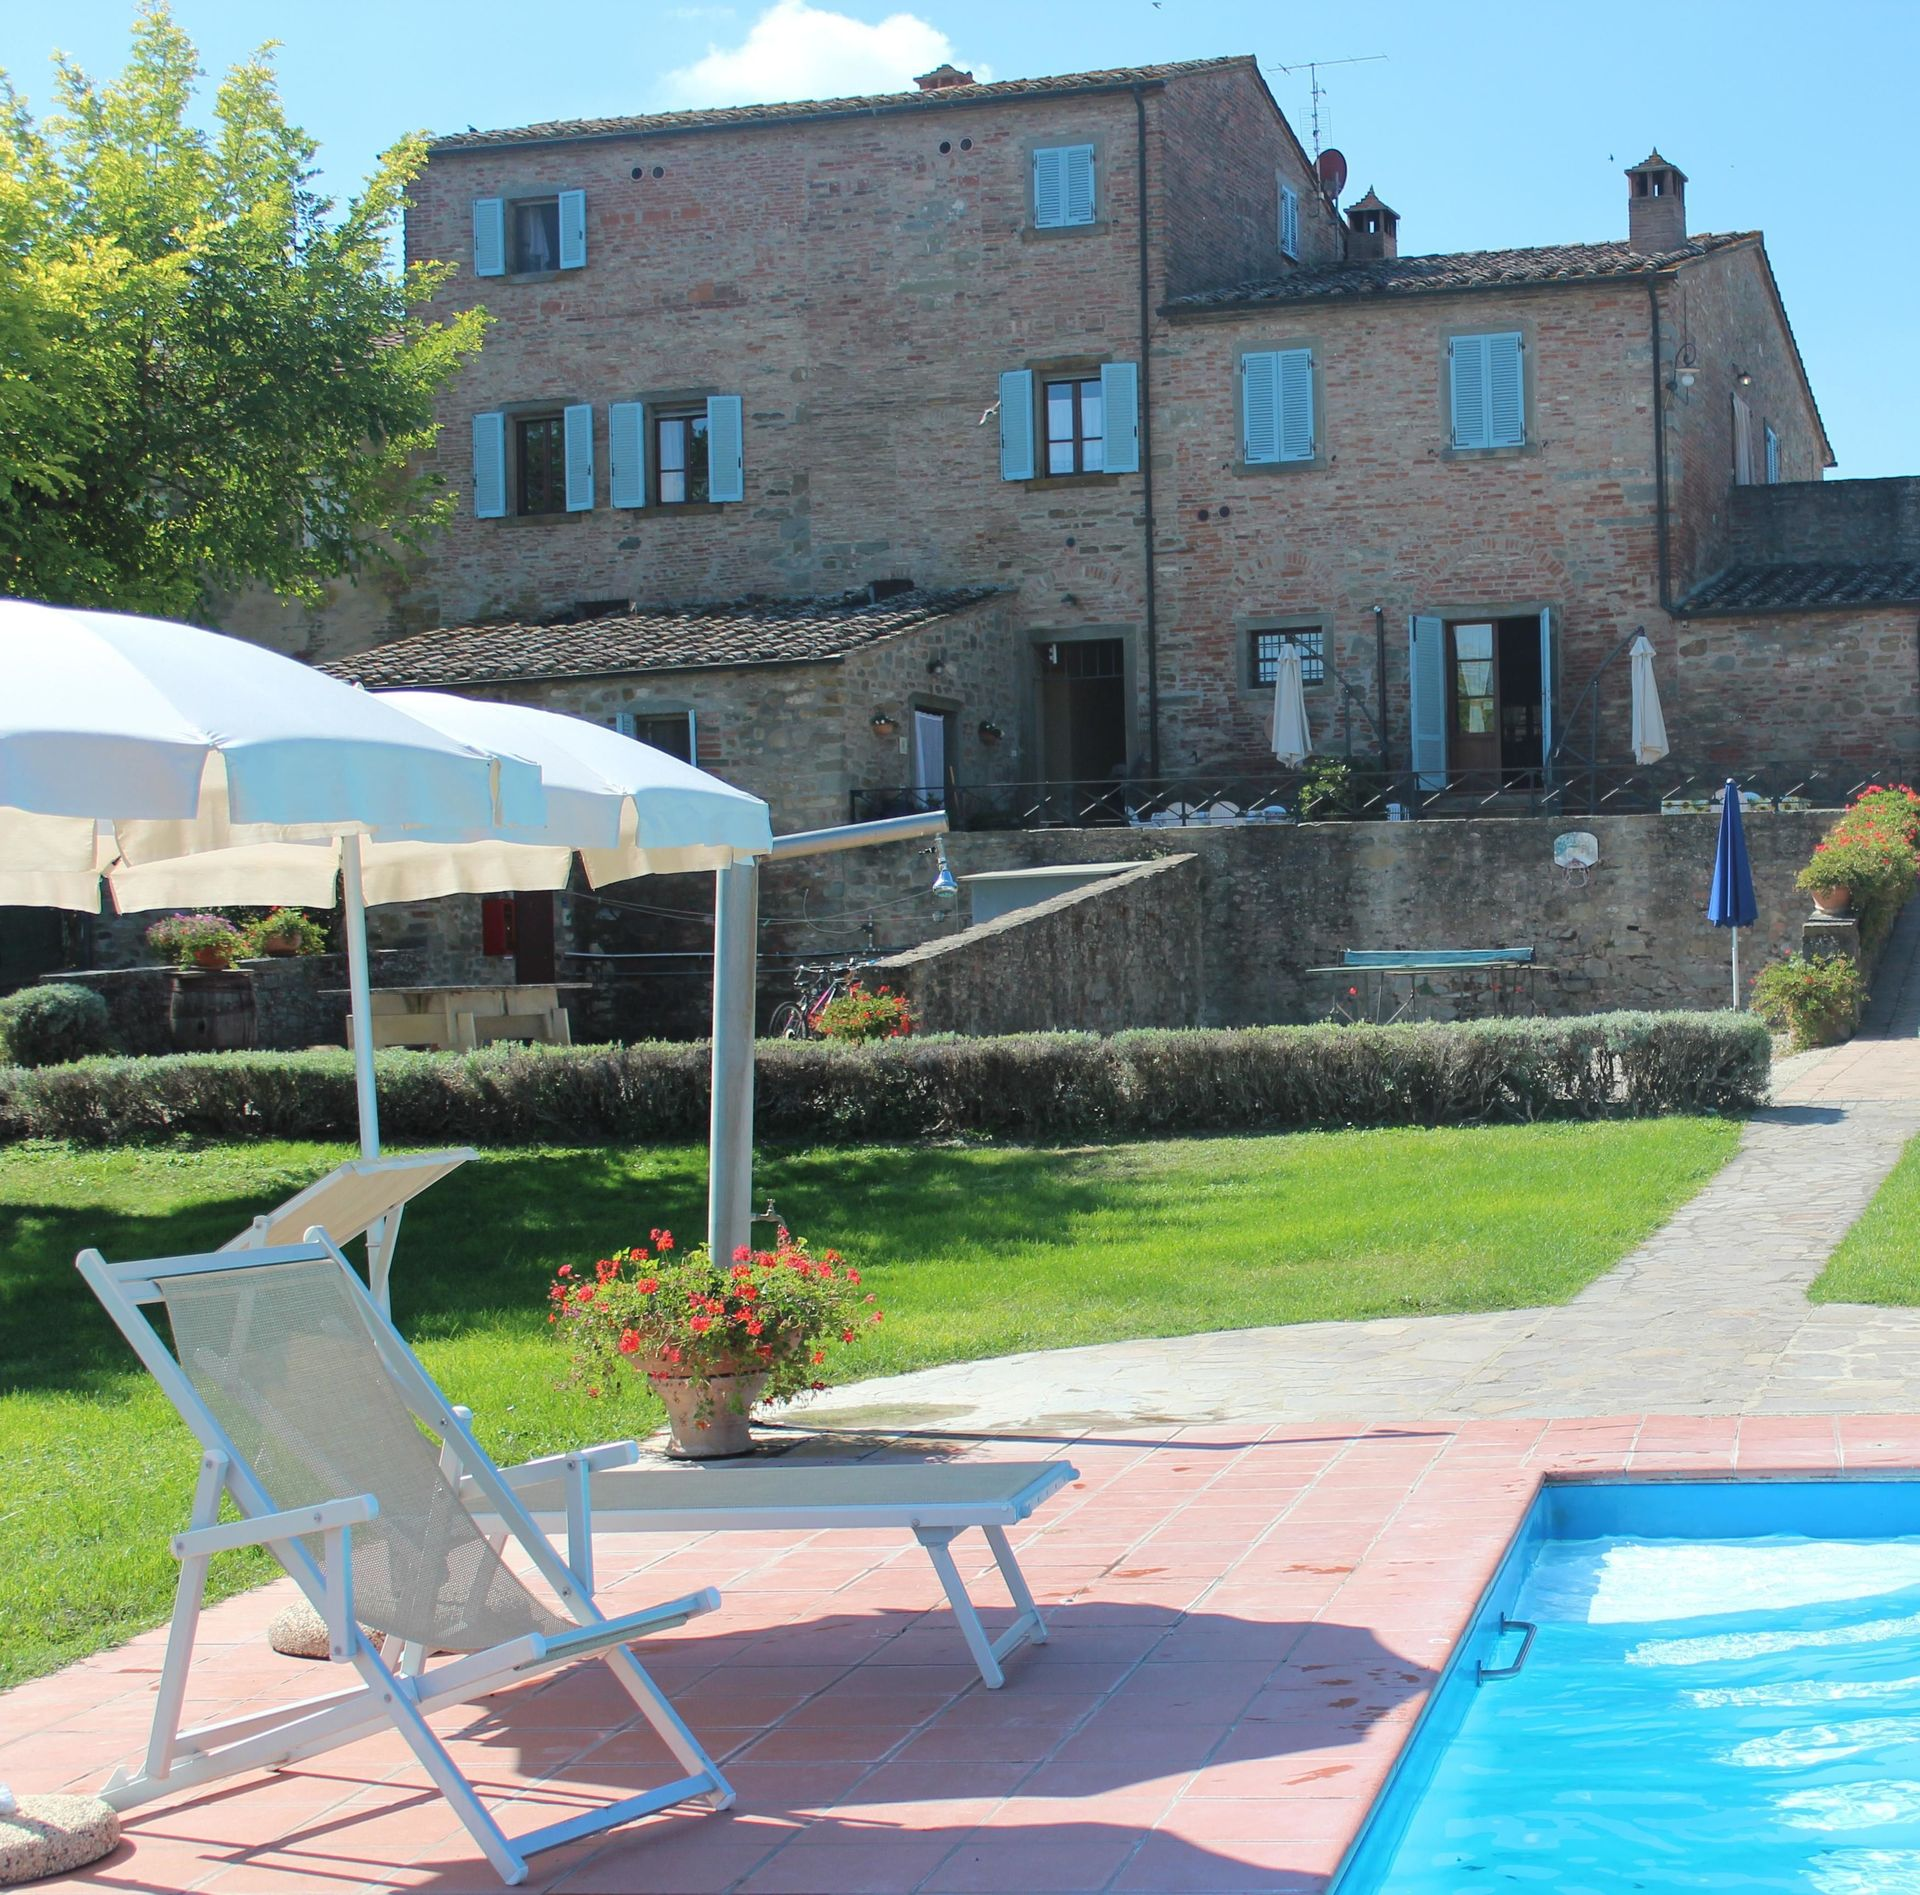 Villa giare casa vacanze con 29 posti letto in 14 camere - Giare da giardino ...